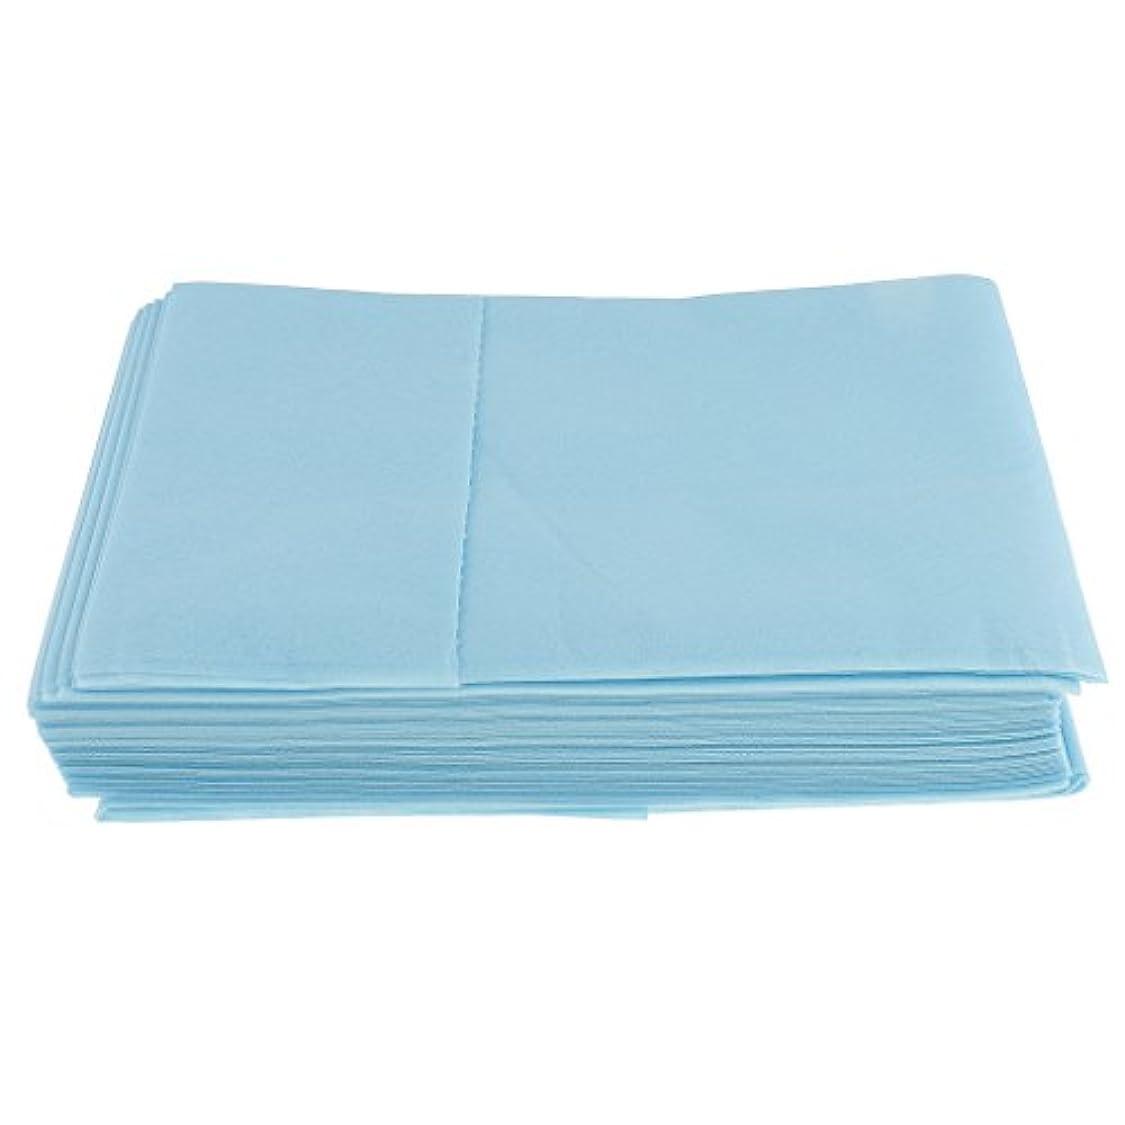 床アイスクリーム海嶺10枚入り 使い捨て 美容室/マッサージ/サロン/ホテル ベッドパッド 無織PP 衛生シート 全3色選べ - 青